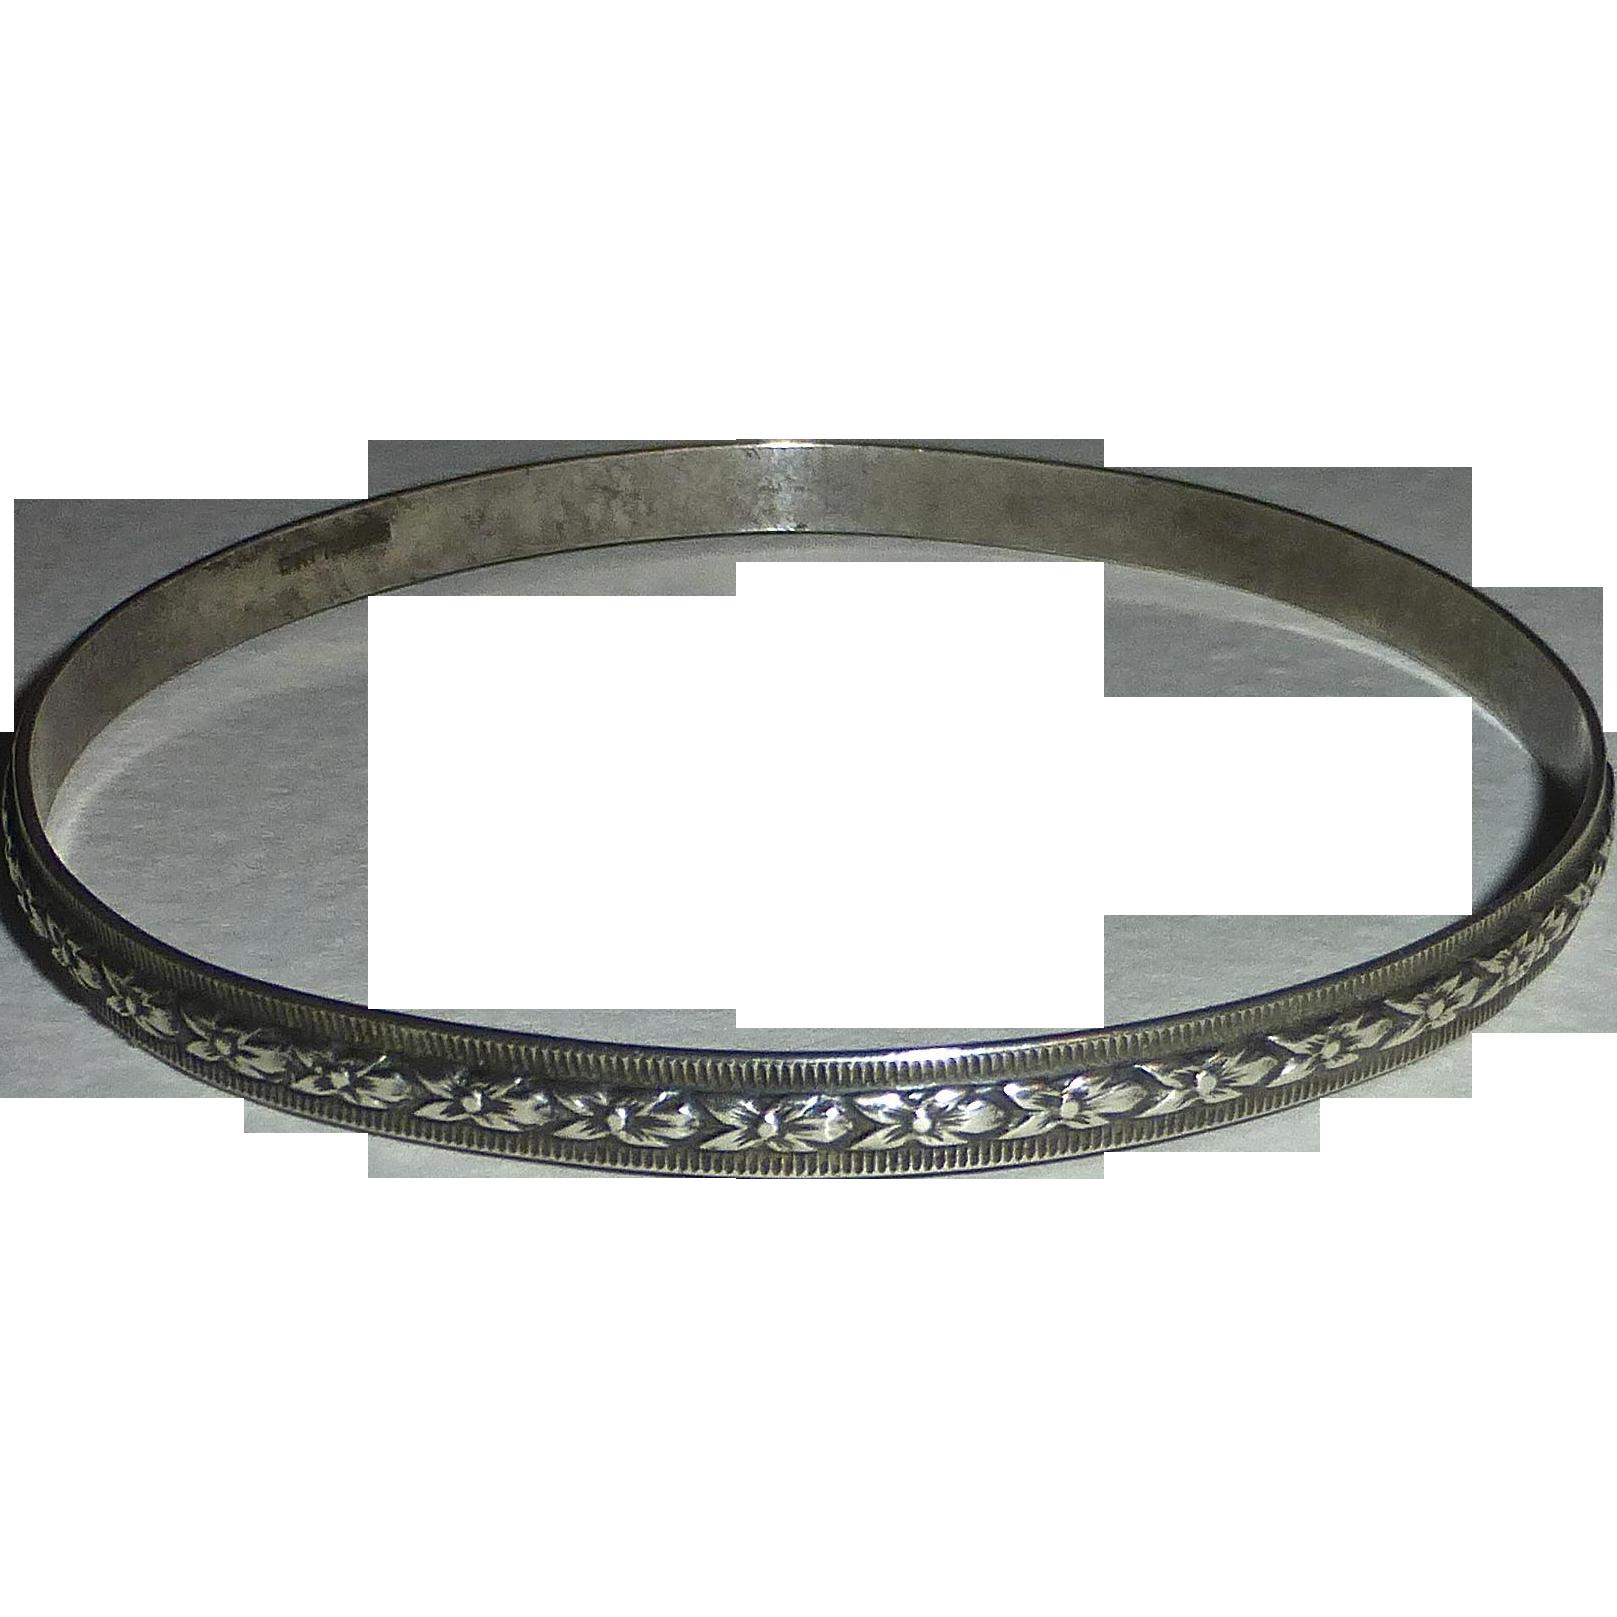 Sterling Silver Bangle Bracelet Embossed Floral Design